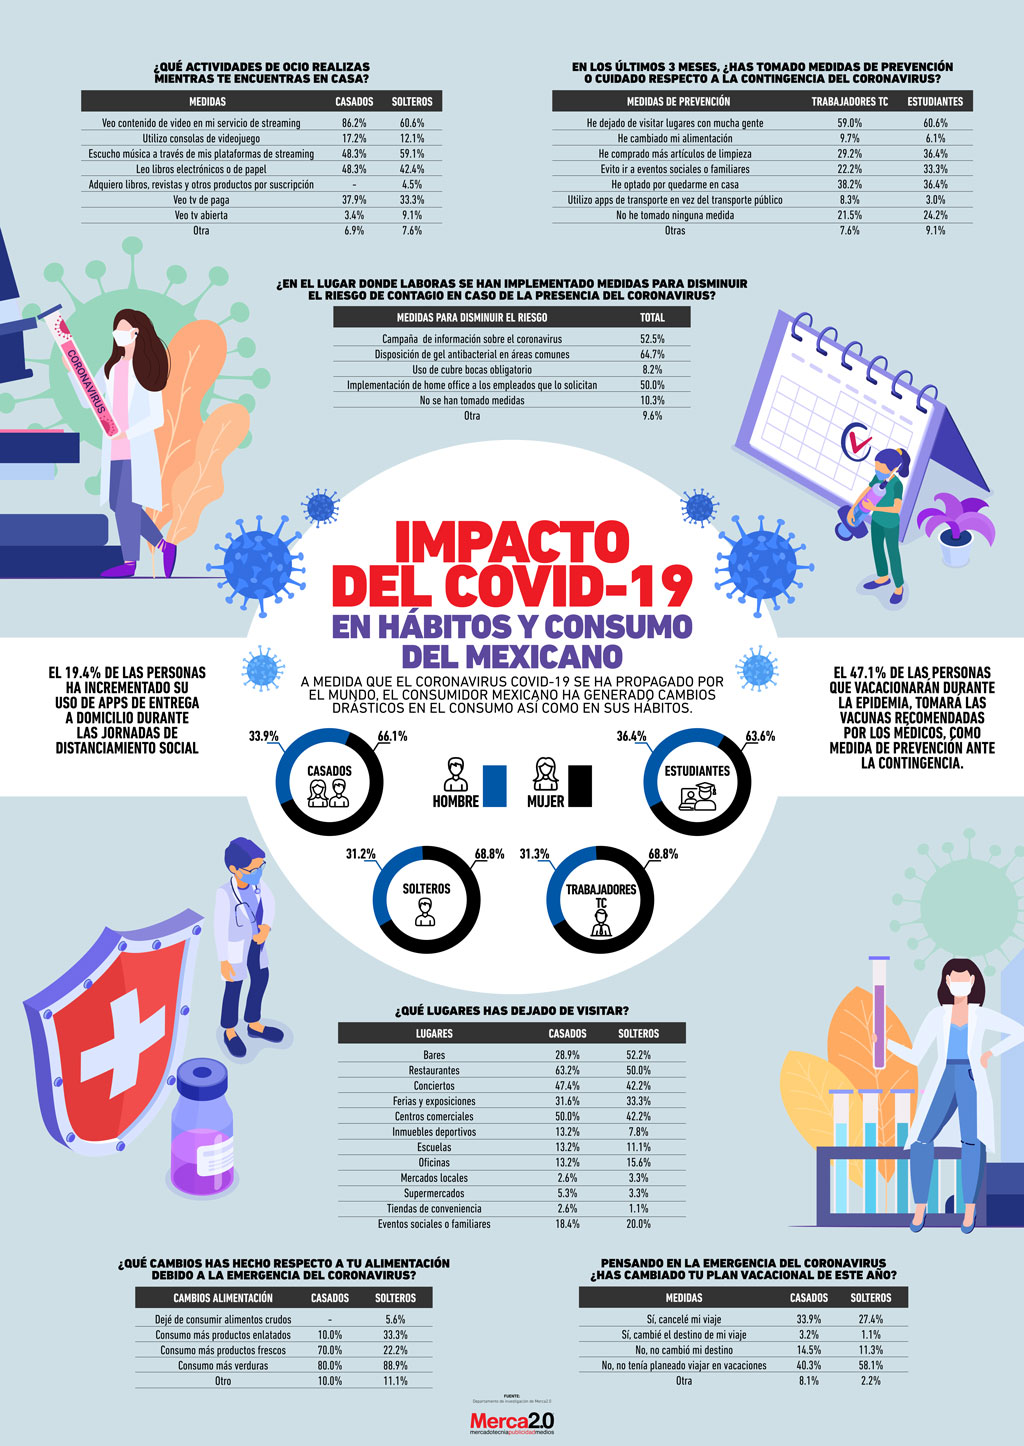 Así es como el coronavirus ha modificado los hábitos y el consumo de los mexicanos